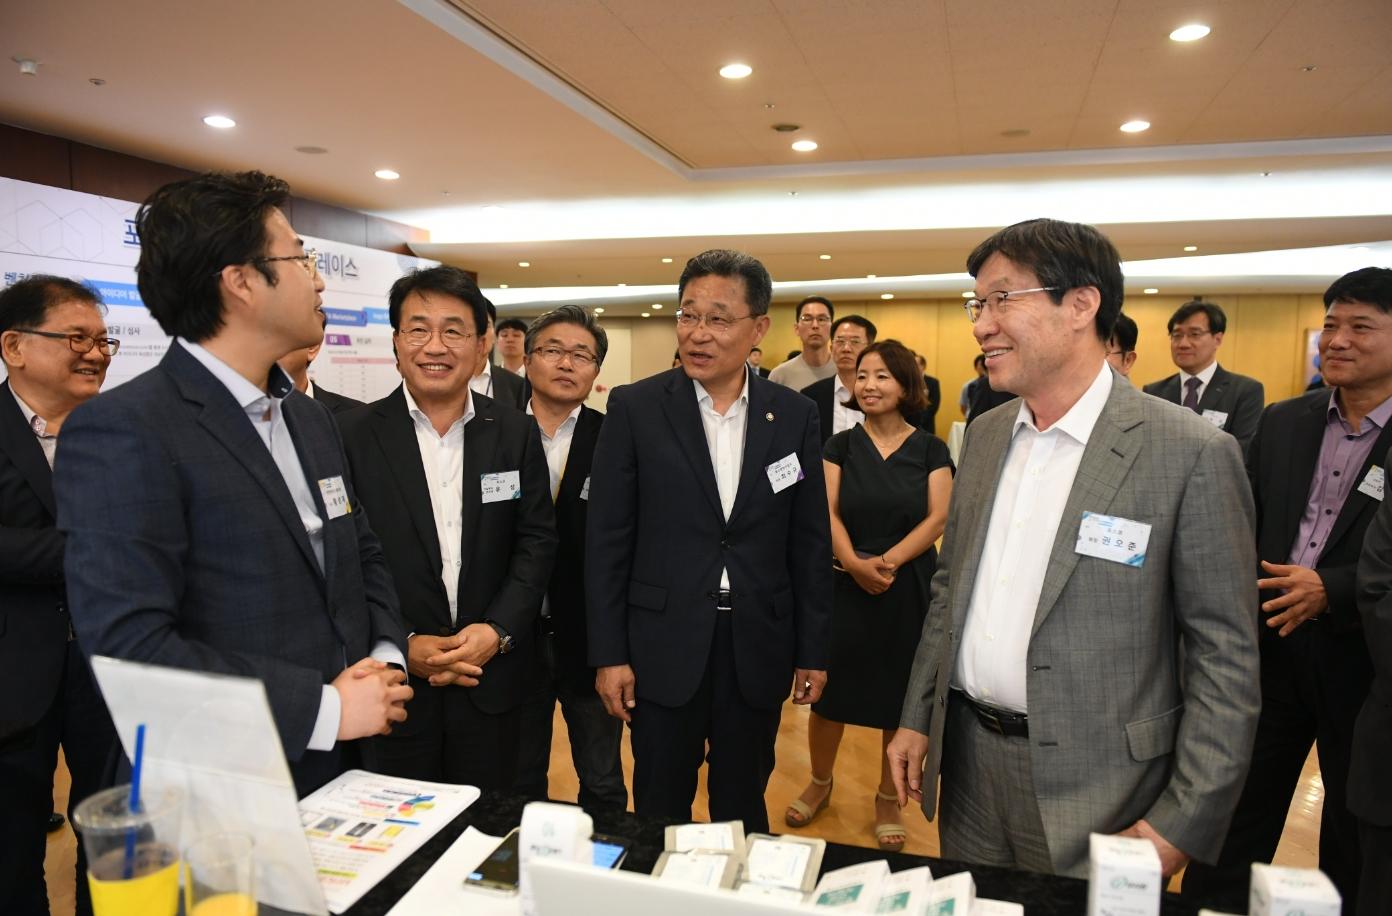 포스코가 지난 4일 포스코센터에서 제 15회 아이디어 마켓플레이스(Idea Market Place)를 개최한 모습